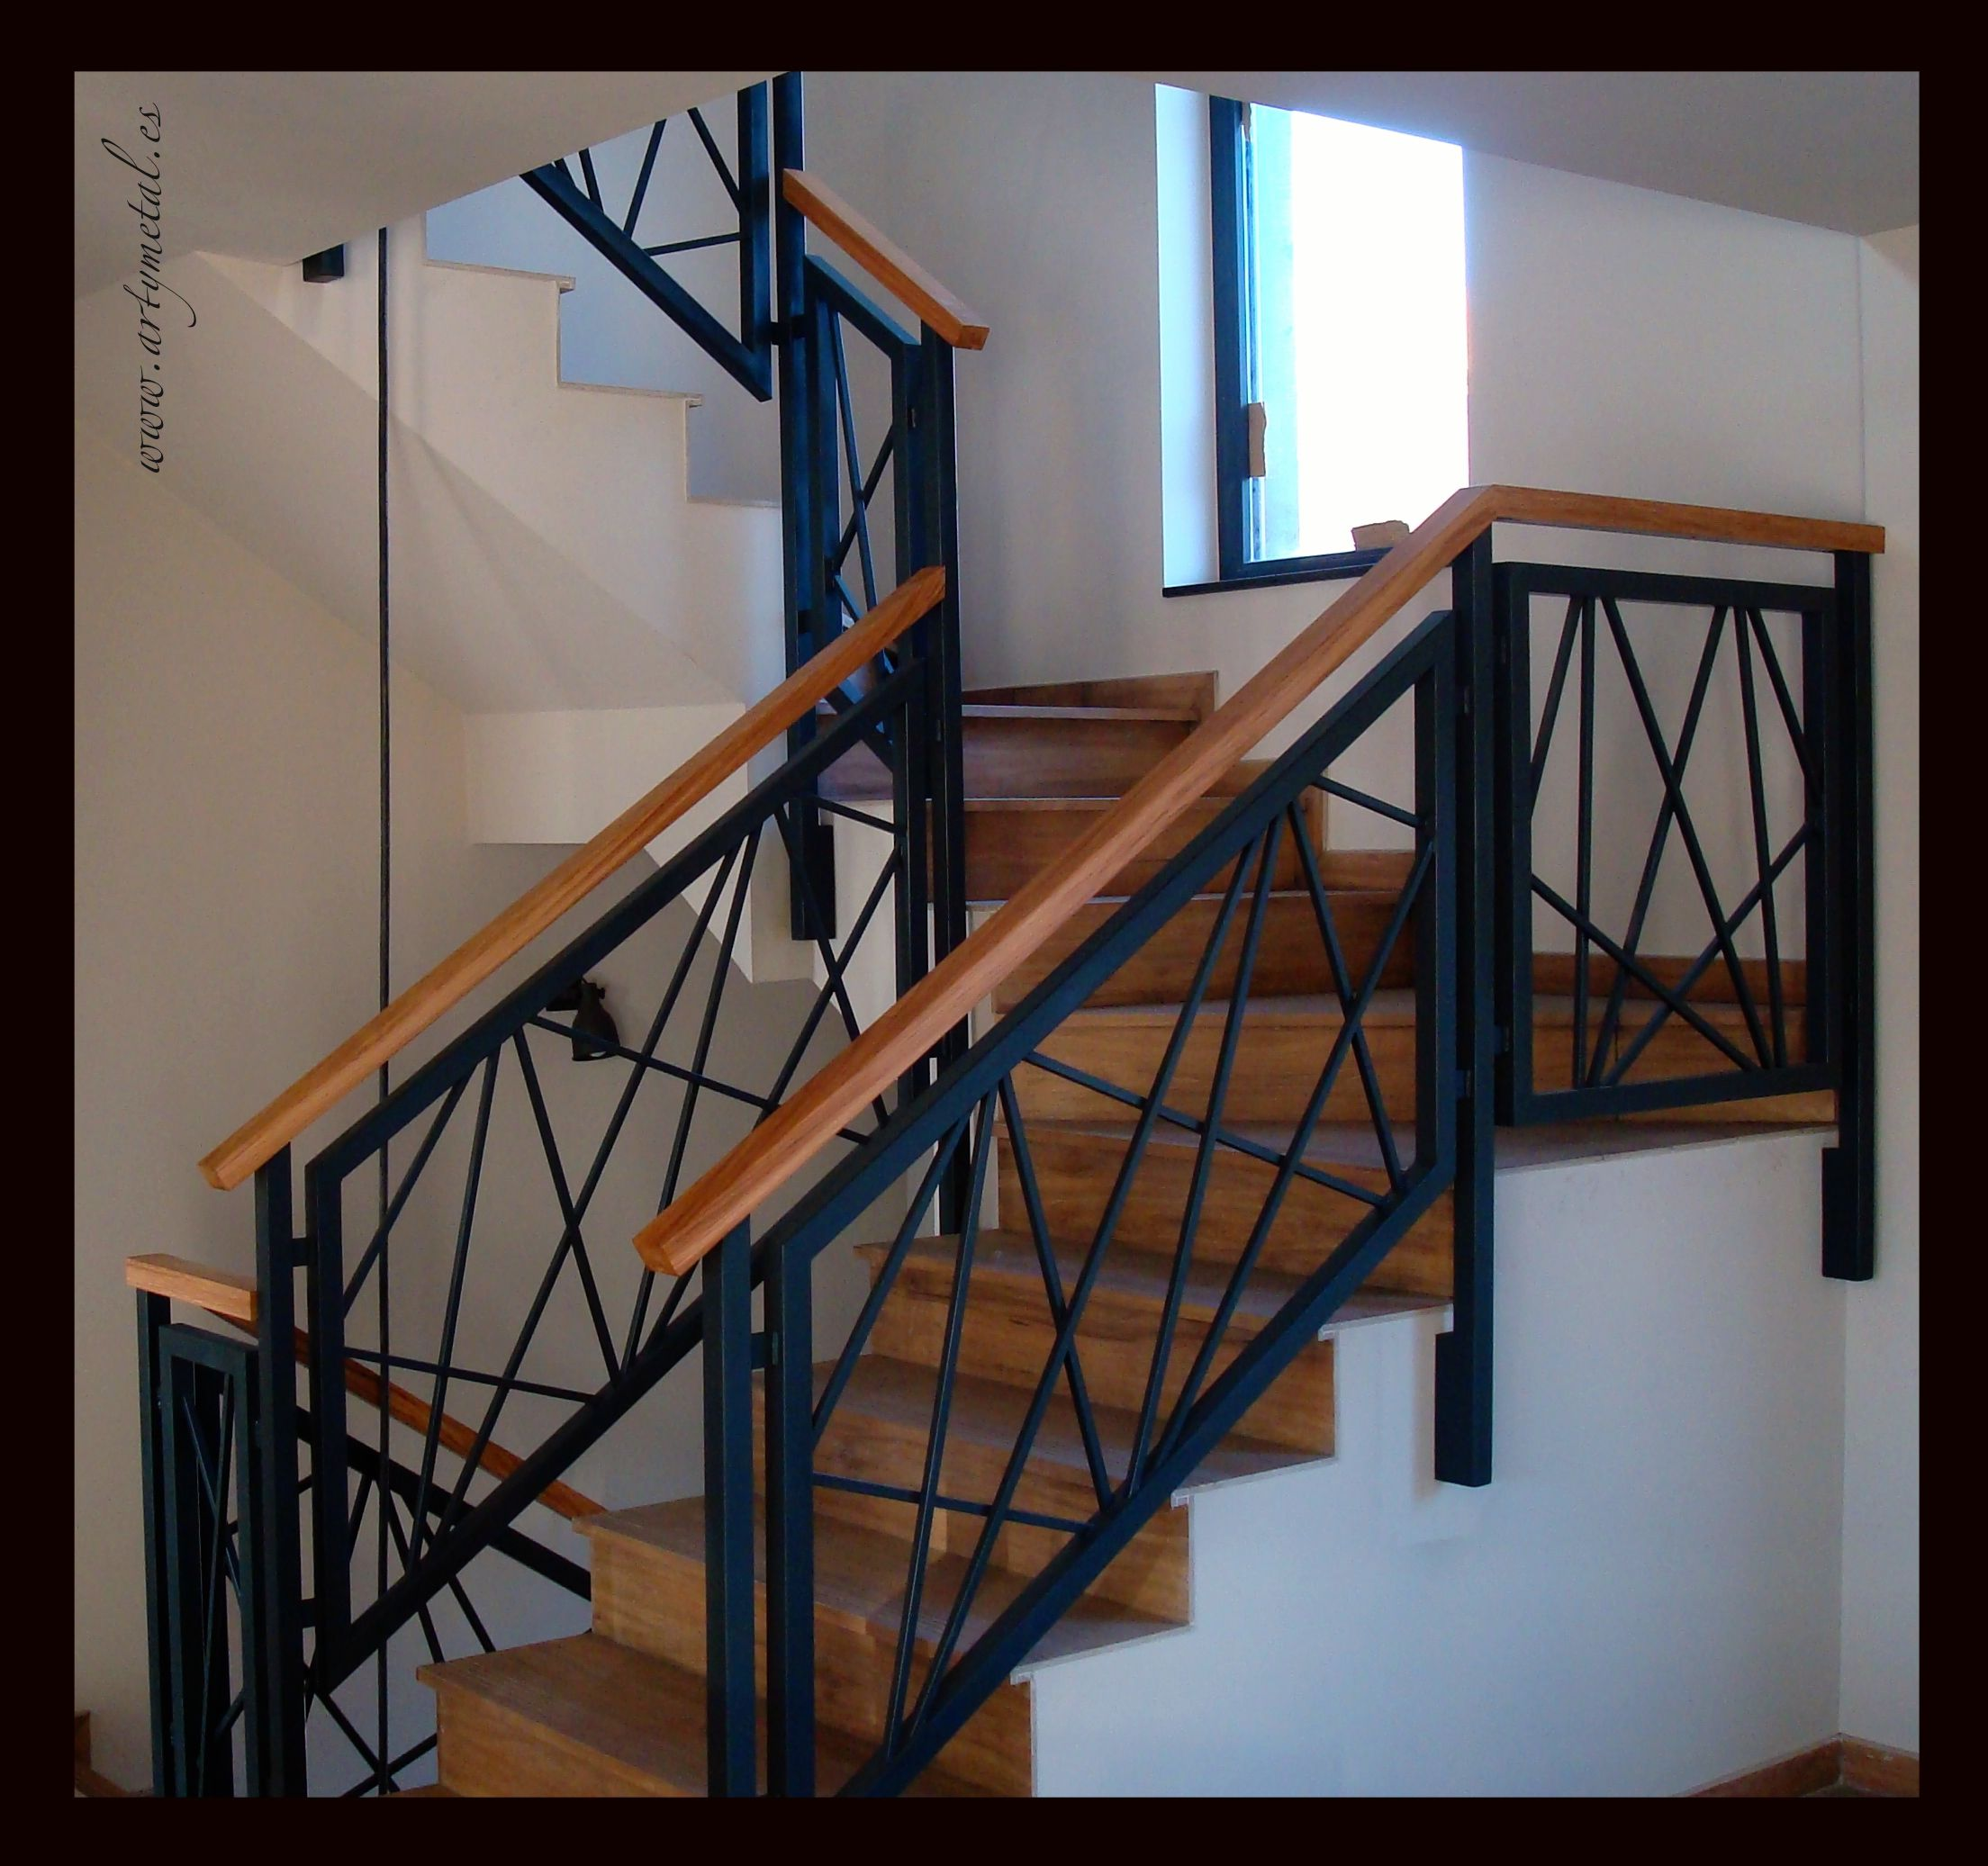 Barandilla de dise o contemporaneo architecture - Barandillas de hierro ...